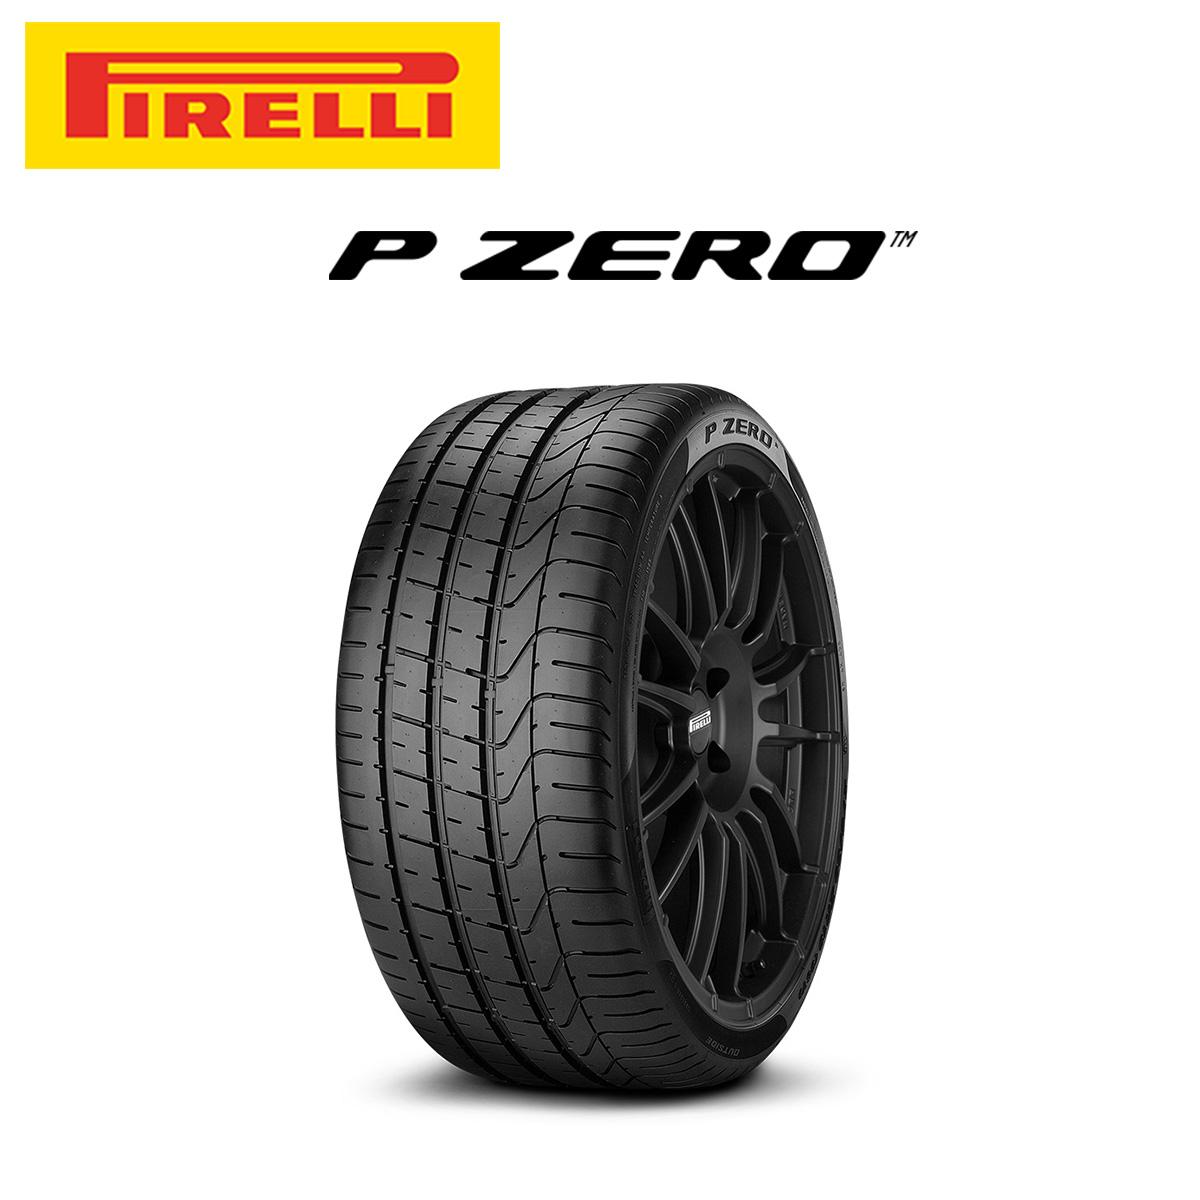 ピレリ PIRELLI P ZERO ピーゼロ 20インチ サマー タイヤ 4本 セット 305/30ZR20 103Y XL N0:ポルシェ承認タイヤ 2059500